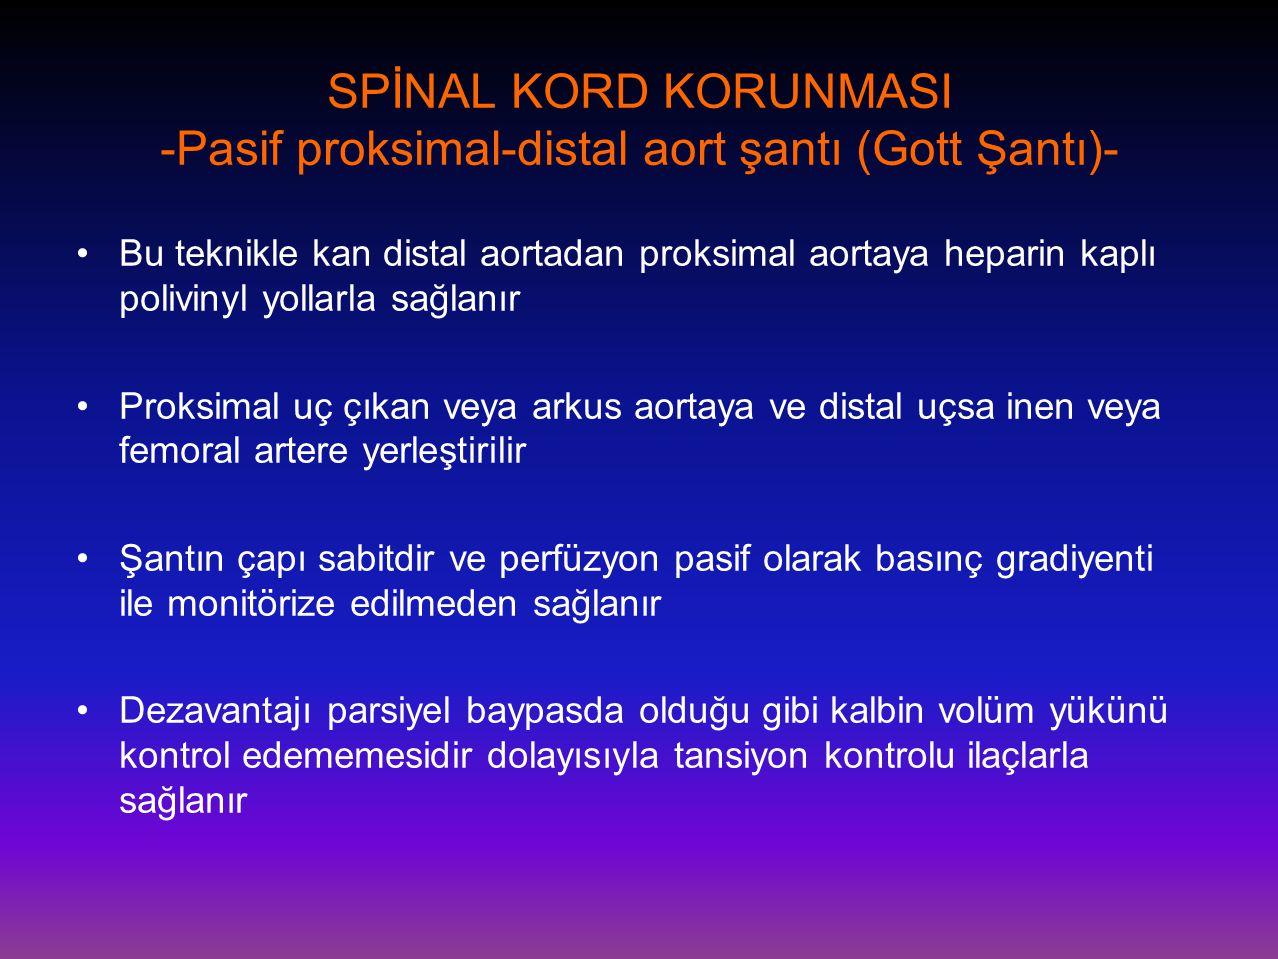 SPİNAL KORD KORUNMASI -Pasif proksimal-distal aort şantı (Gott Şantı)-